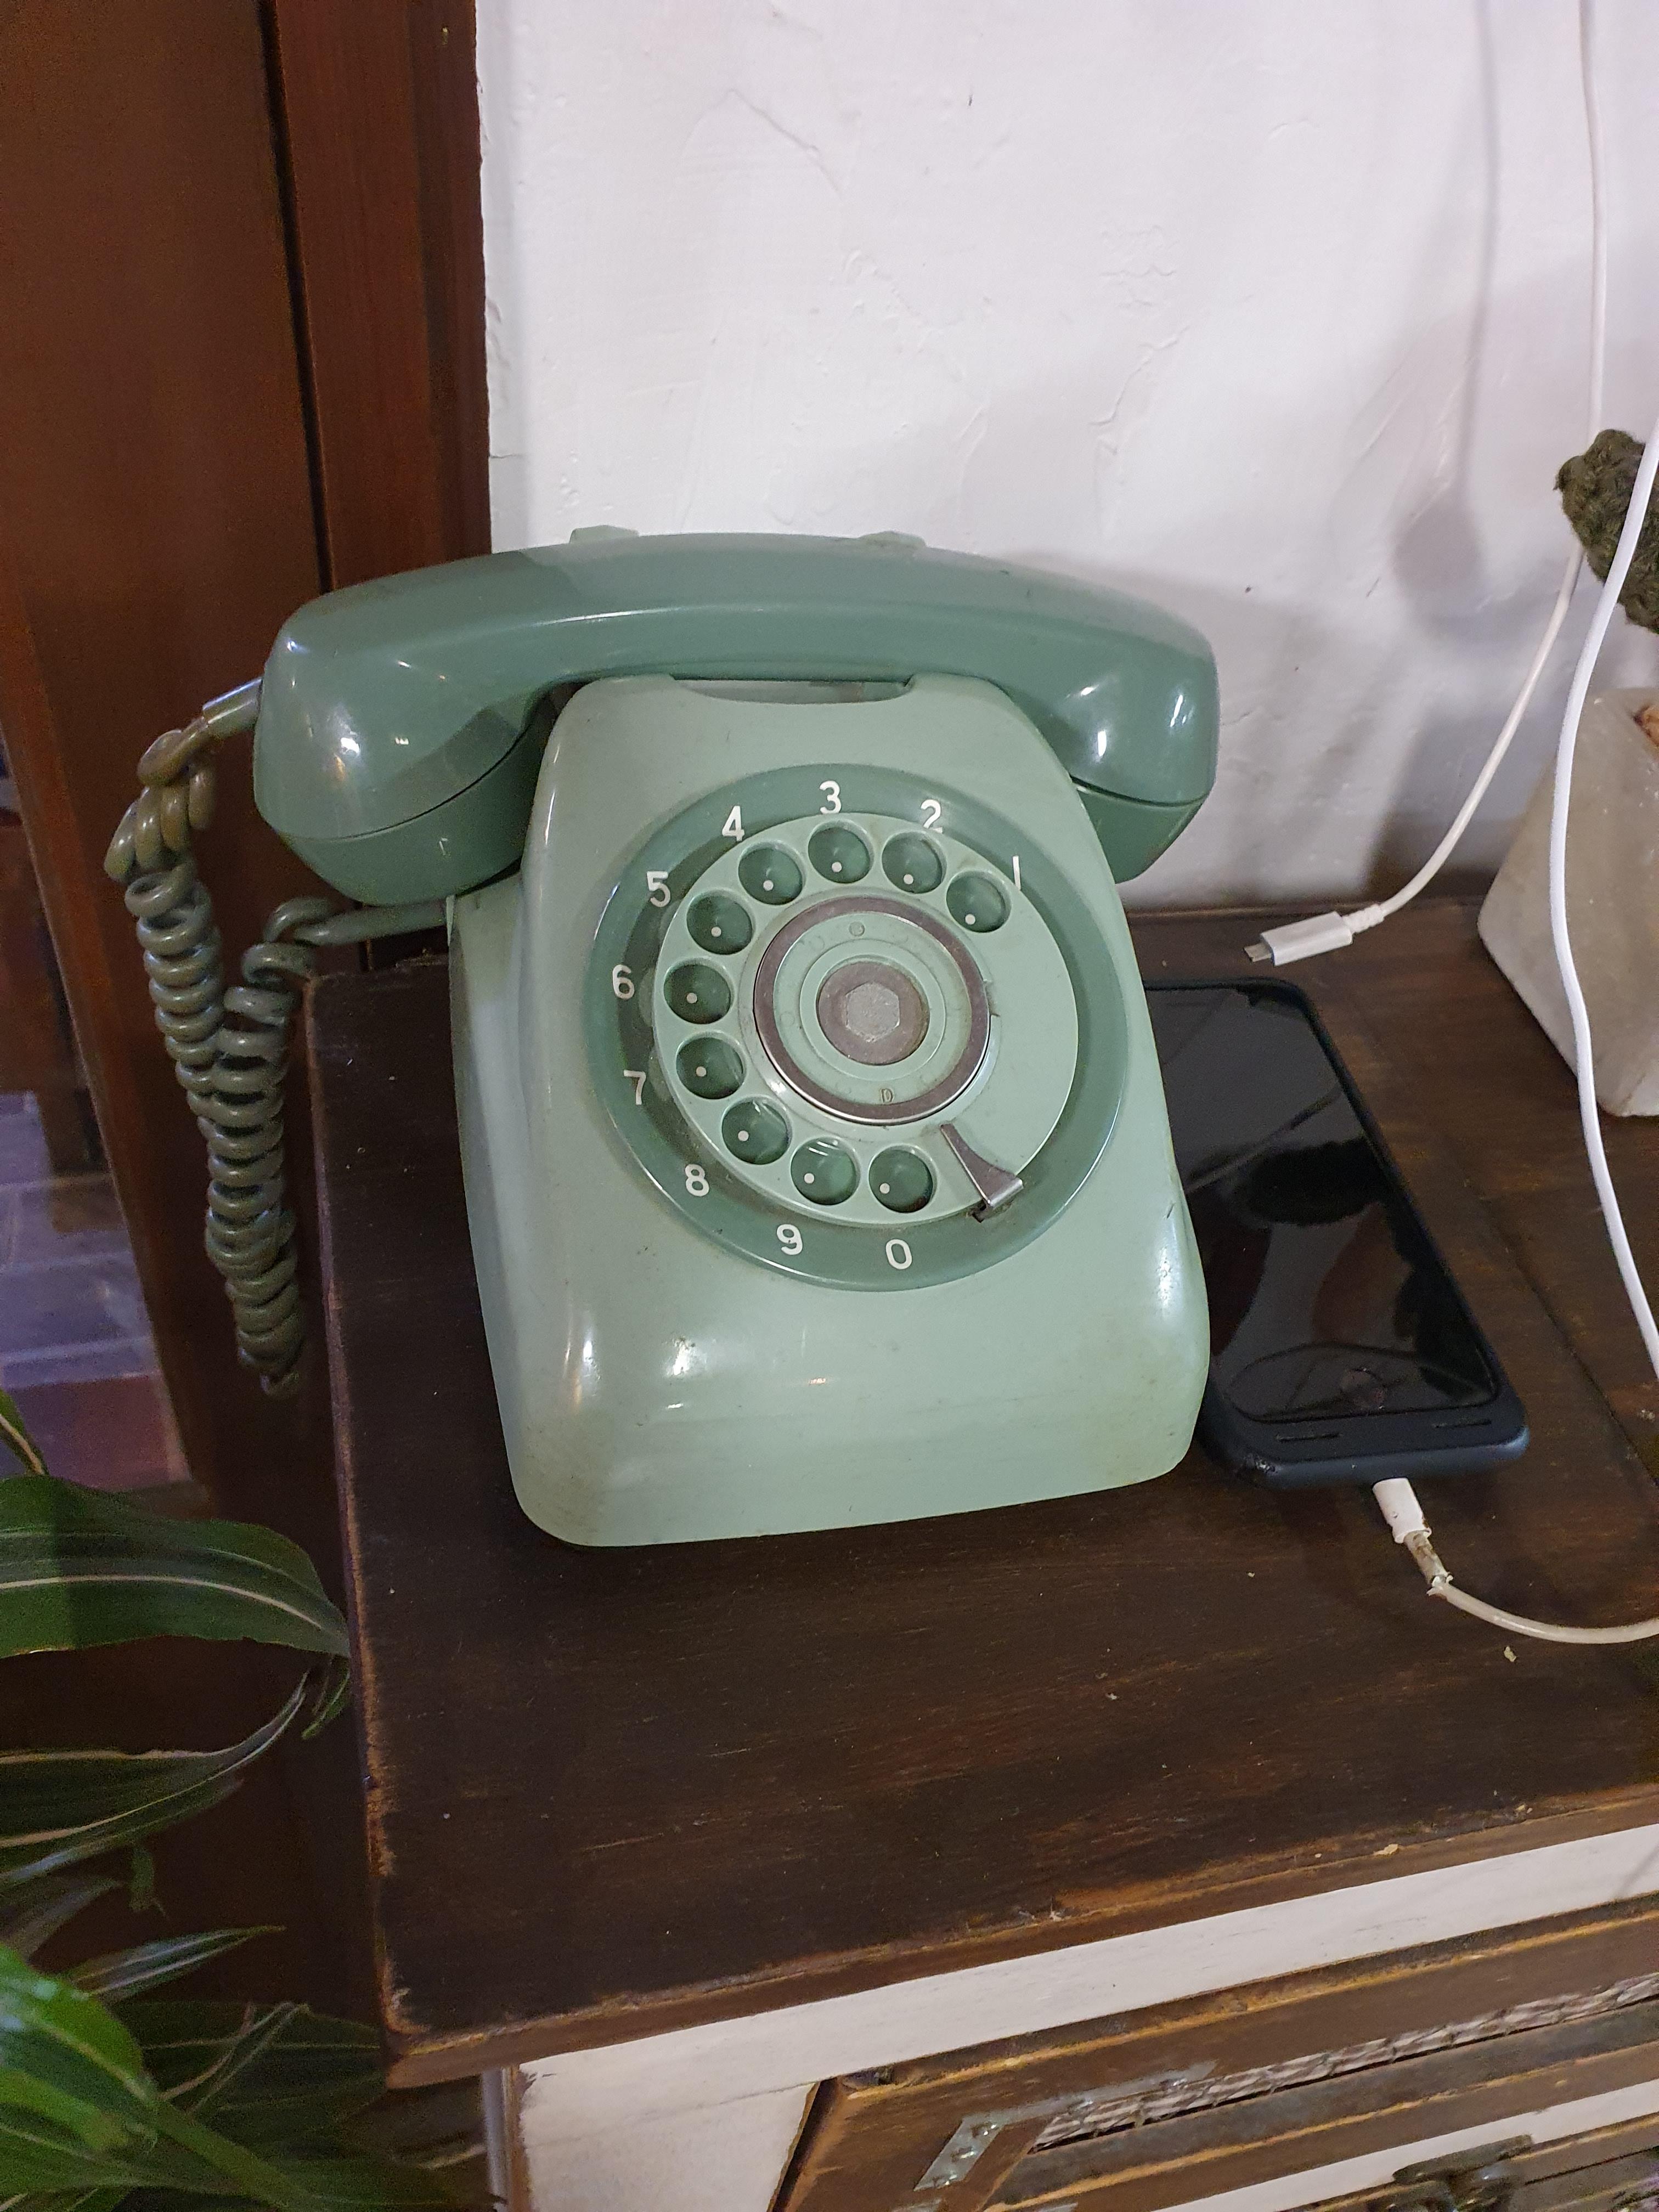 다이얼식 전화기(옛날 전화기) : 옛날에 집에 있었던 것과 같은..